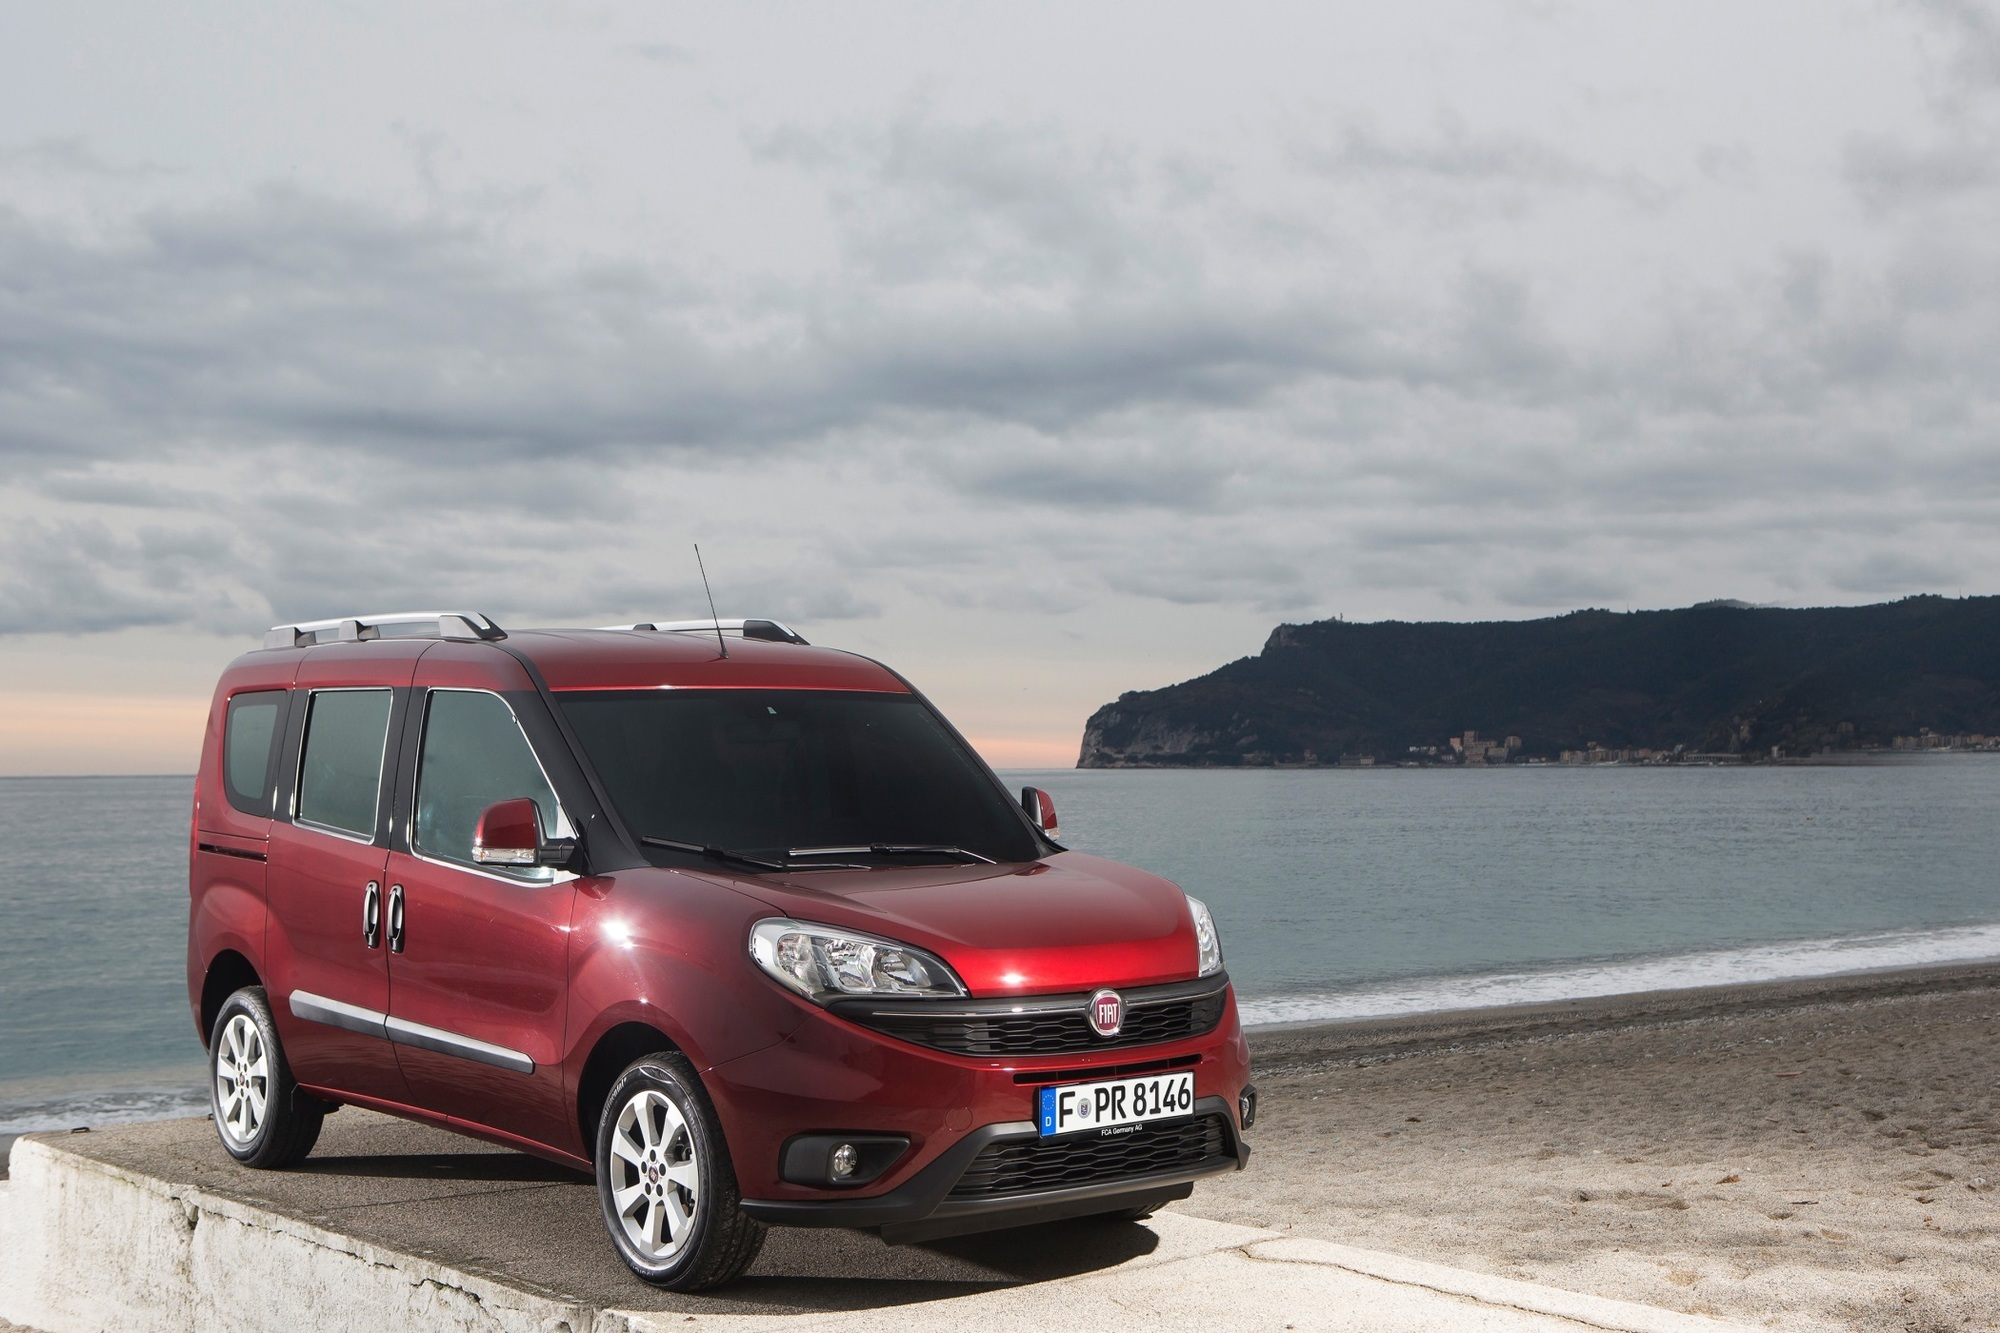 Fiat Doblo - Aufgehübschter Verwandlungskünstler